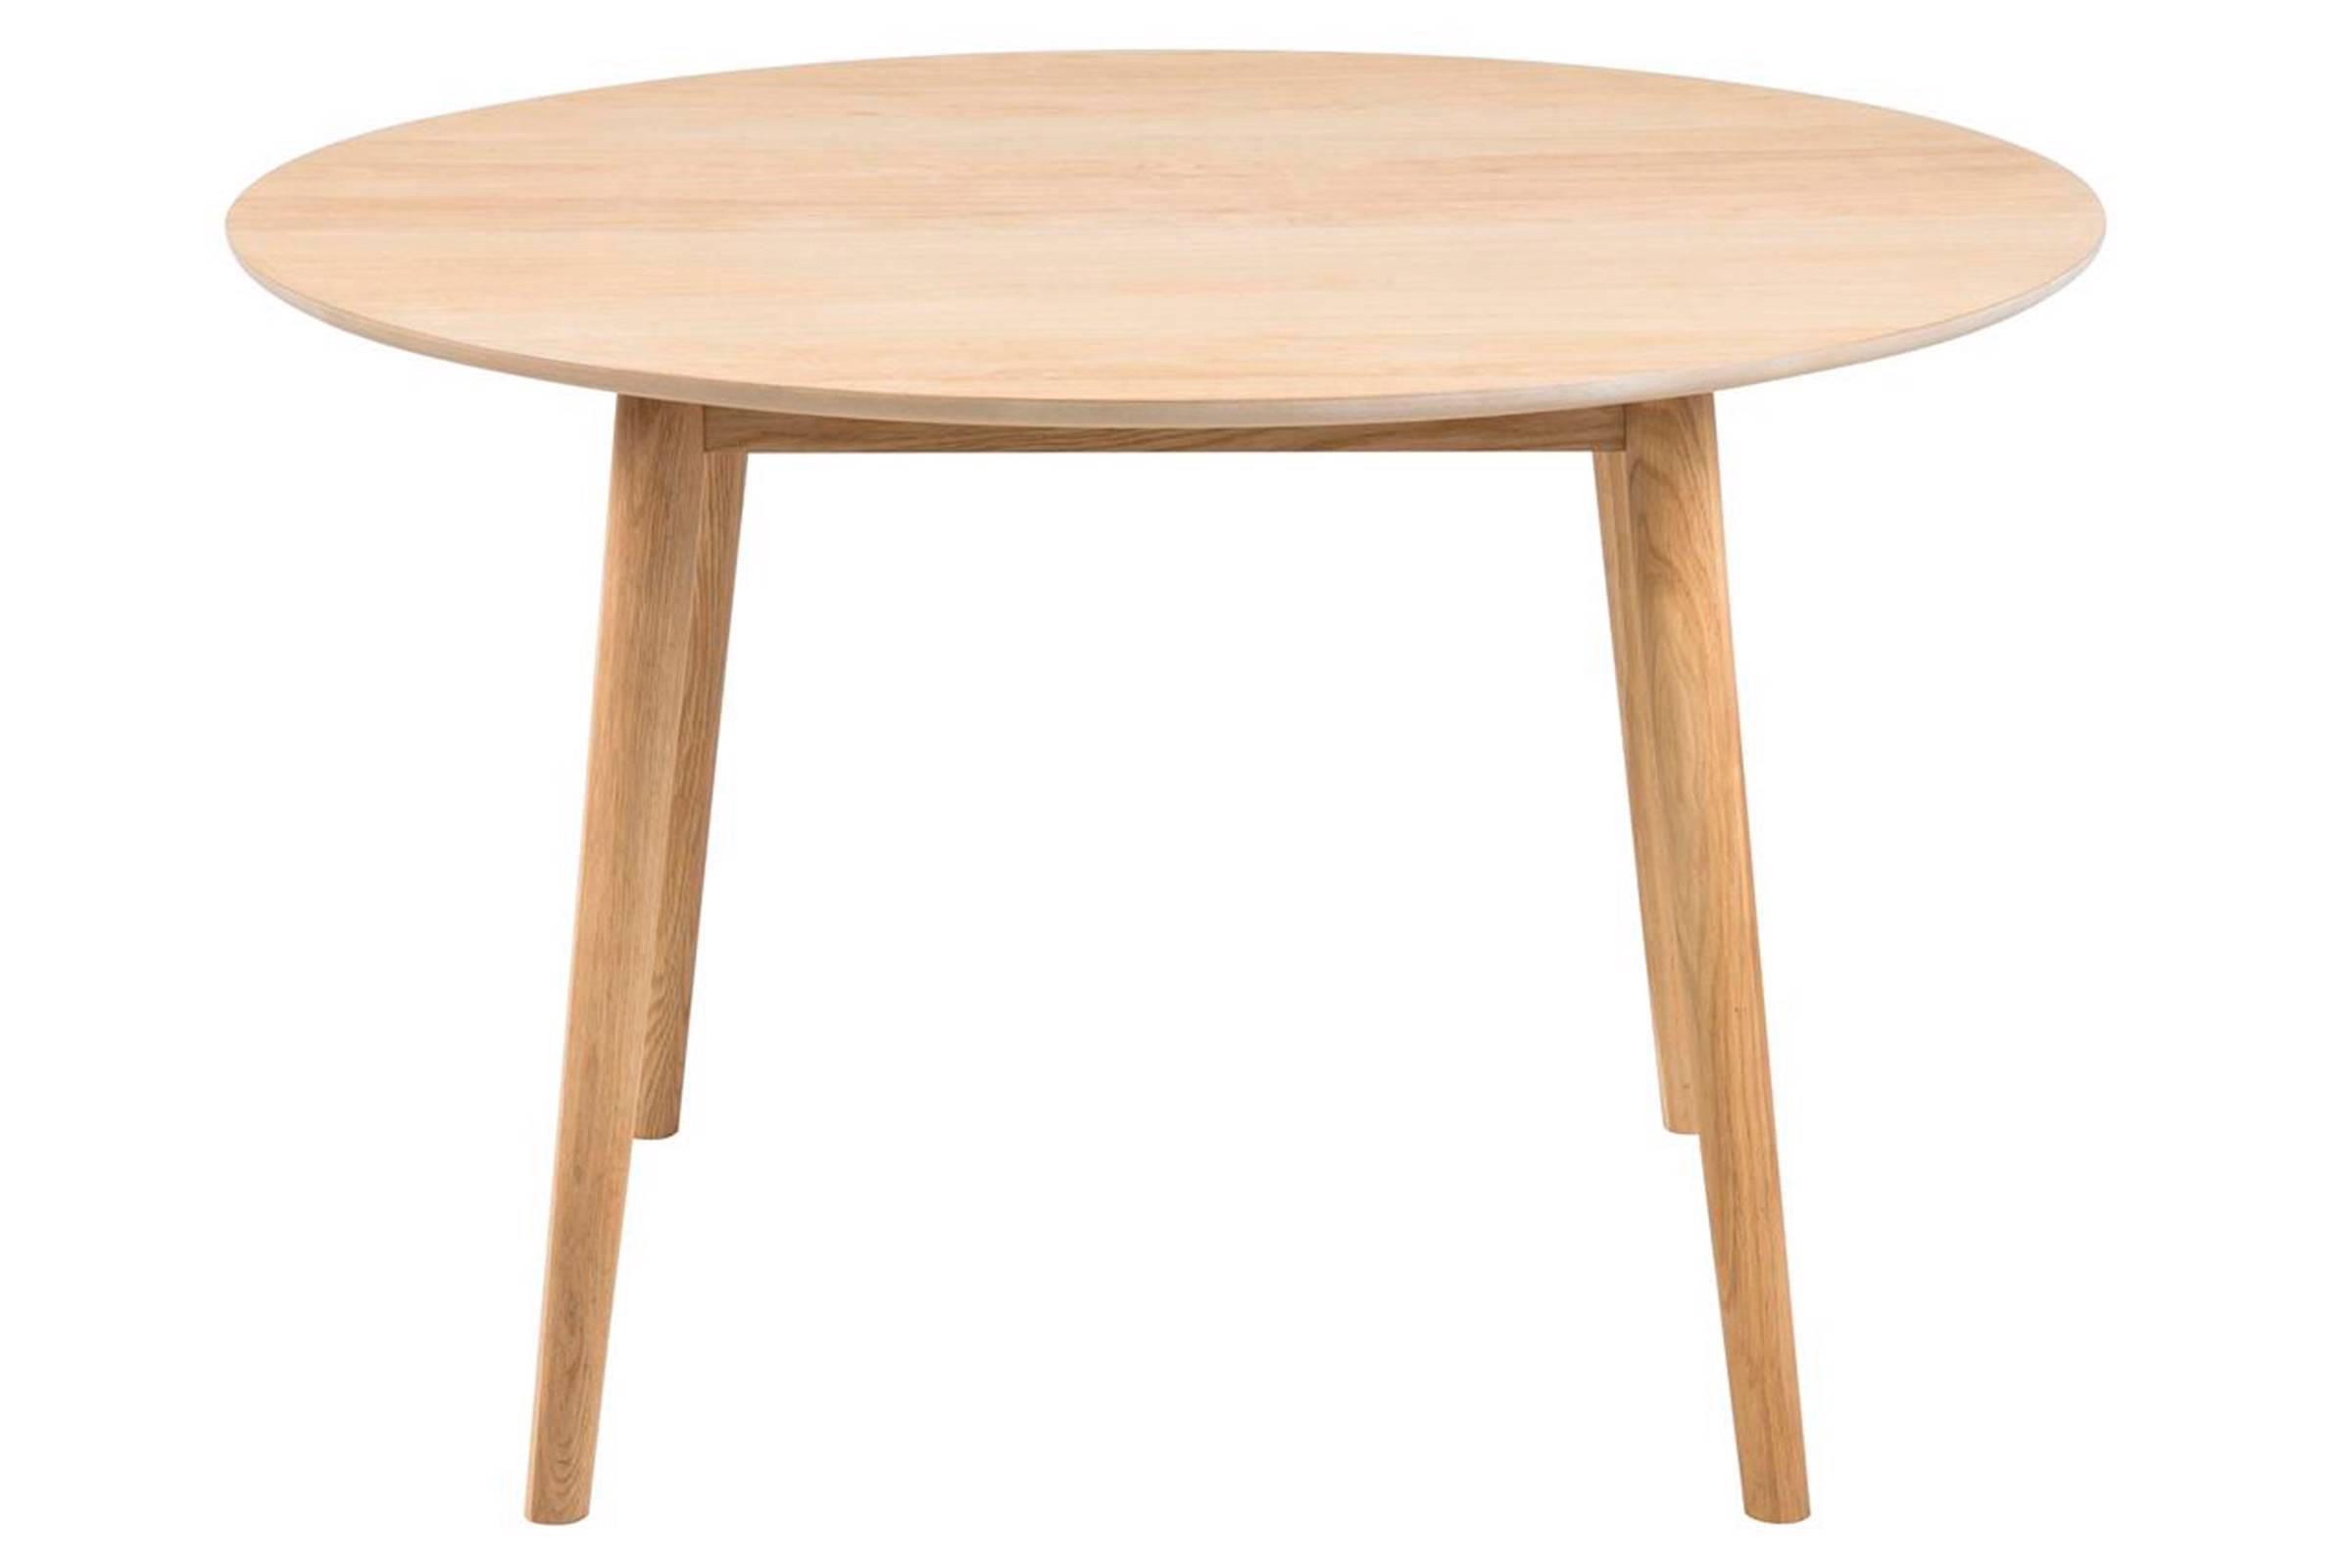 Uitschuifbare Tafel Tweedehands : Tweedehands tafels salontafels bijzettafels van glas en hout